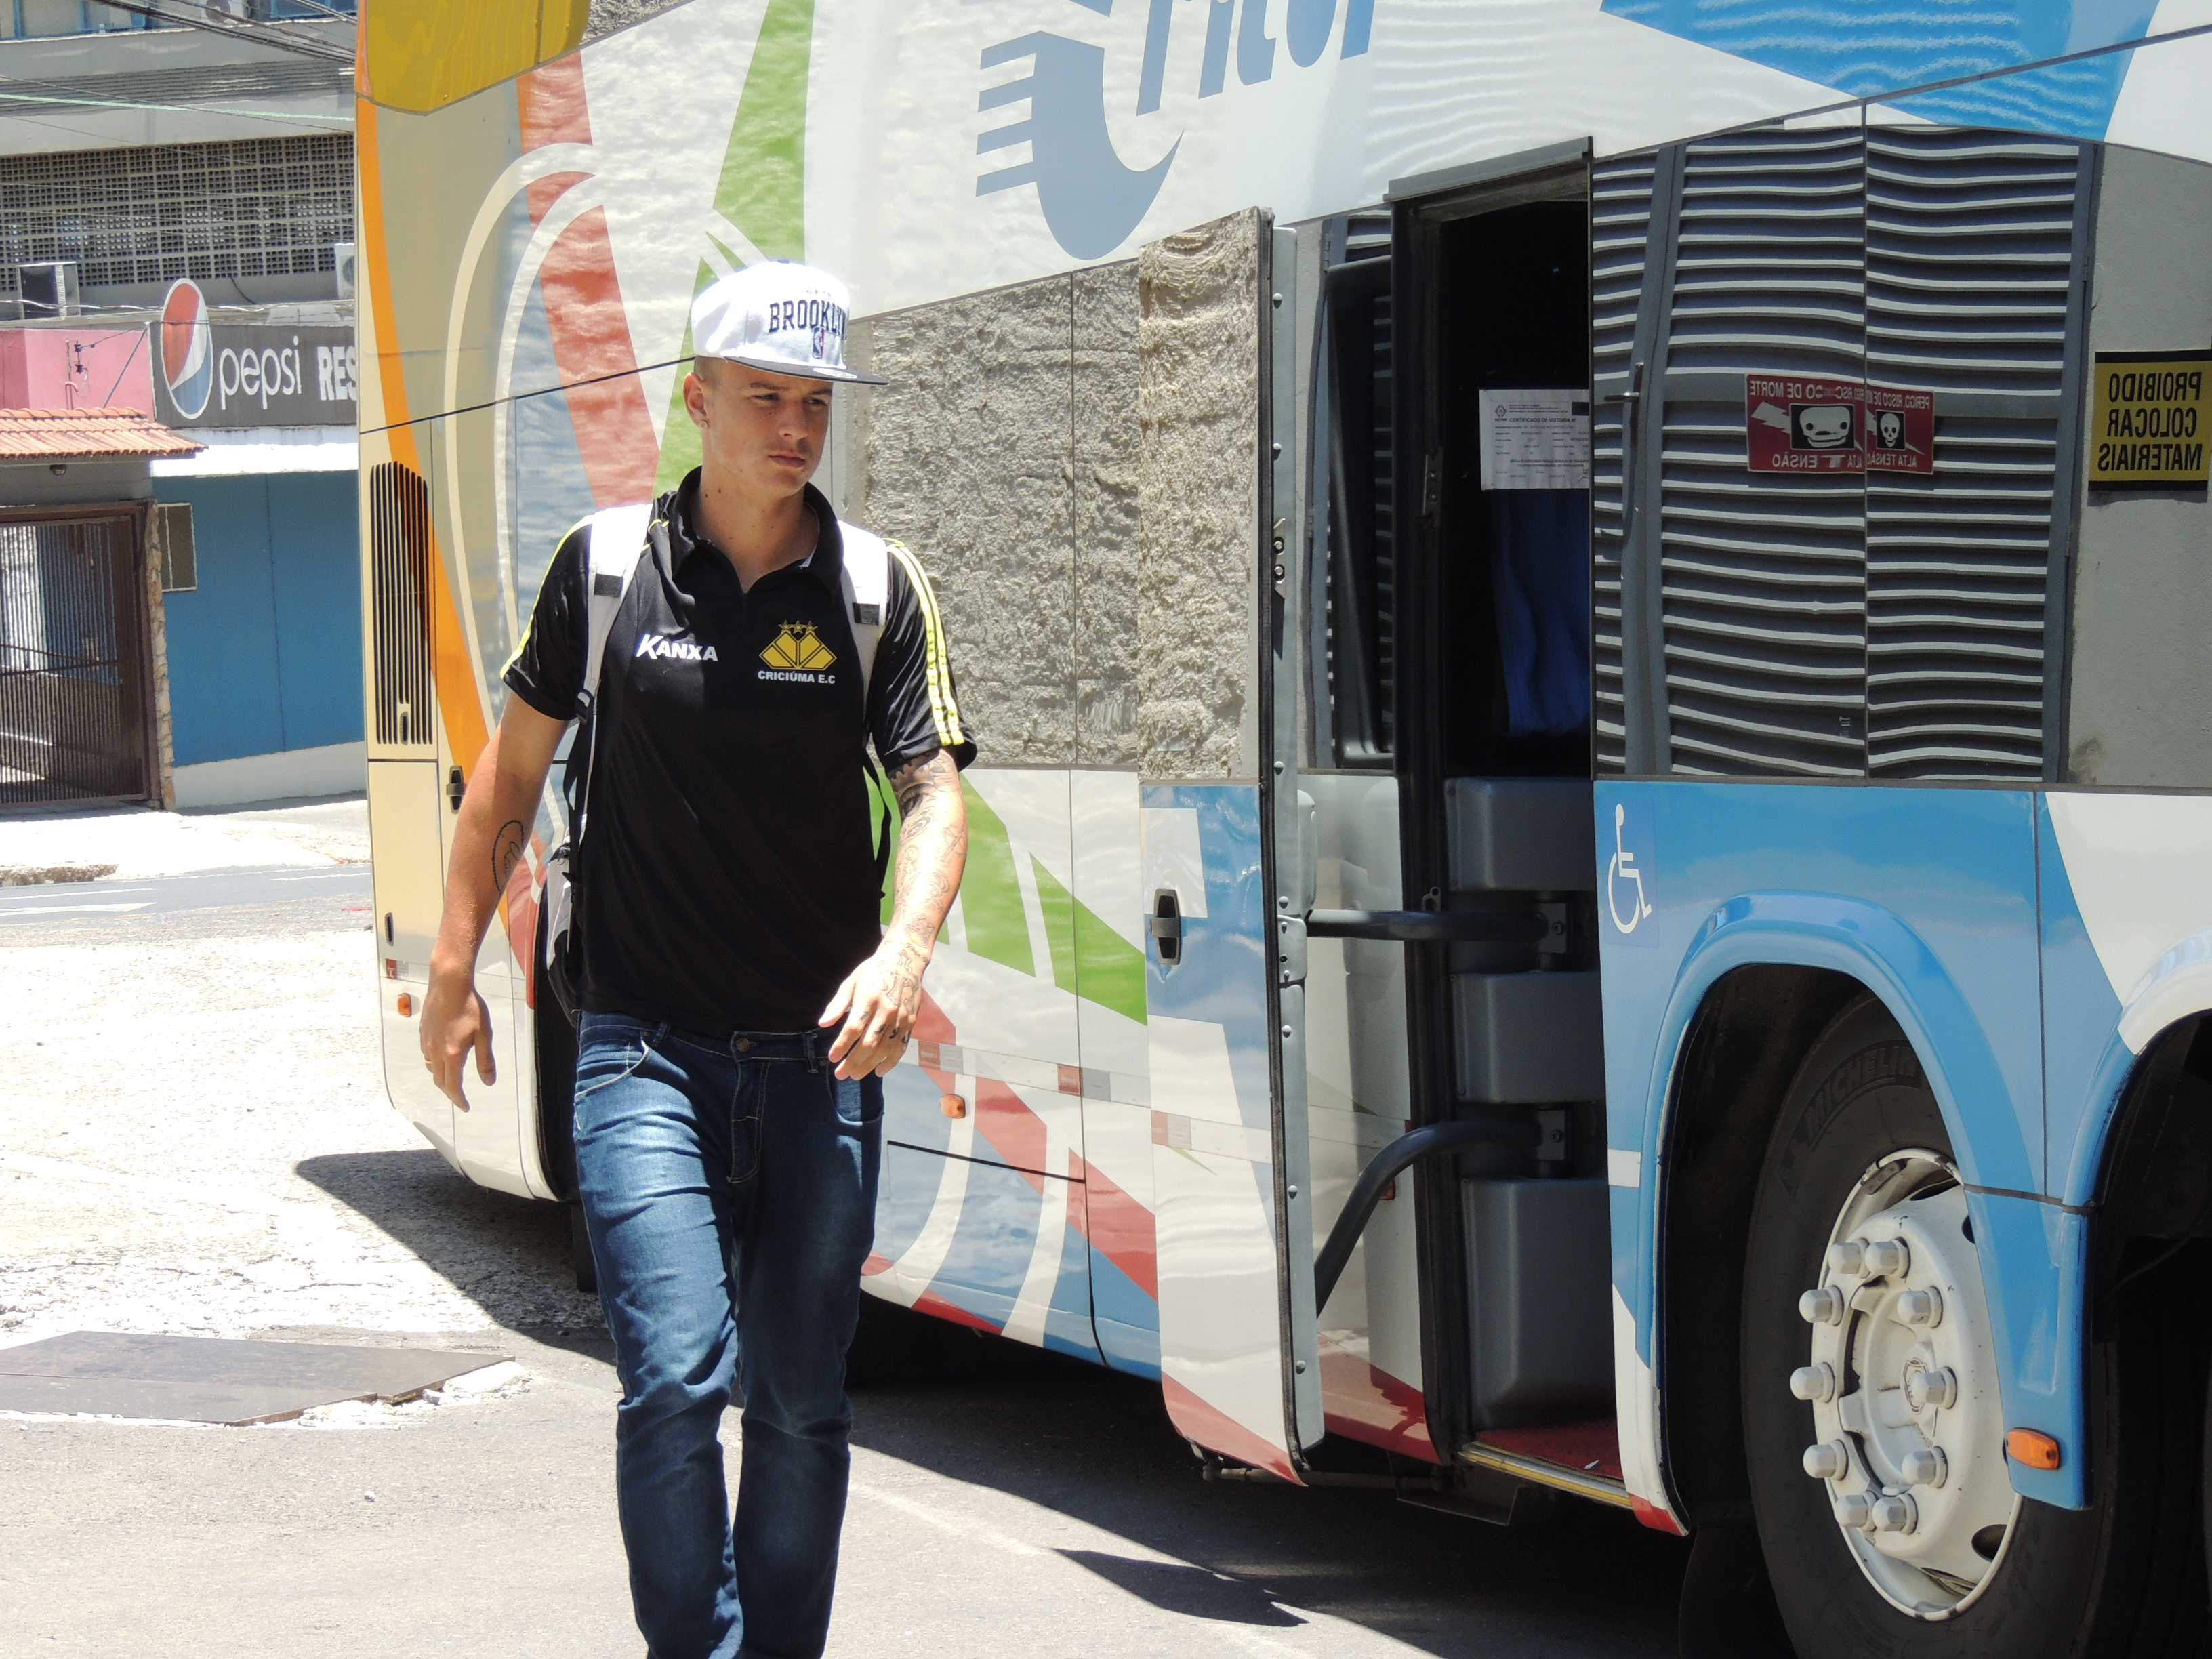 """Desde o infantil no Tigre, Roger diz: """"Tive que dar o chapéu no ... - Globo.com"""